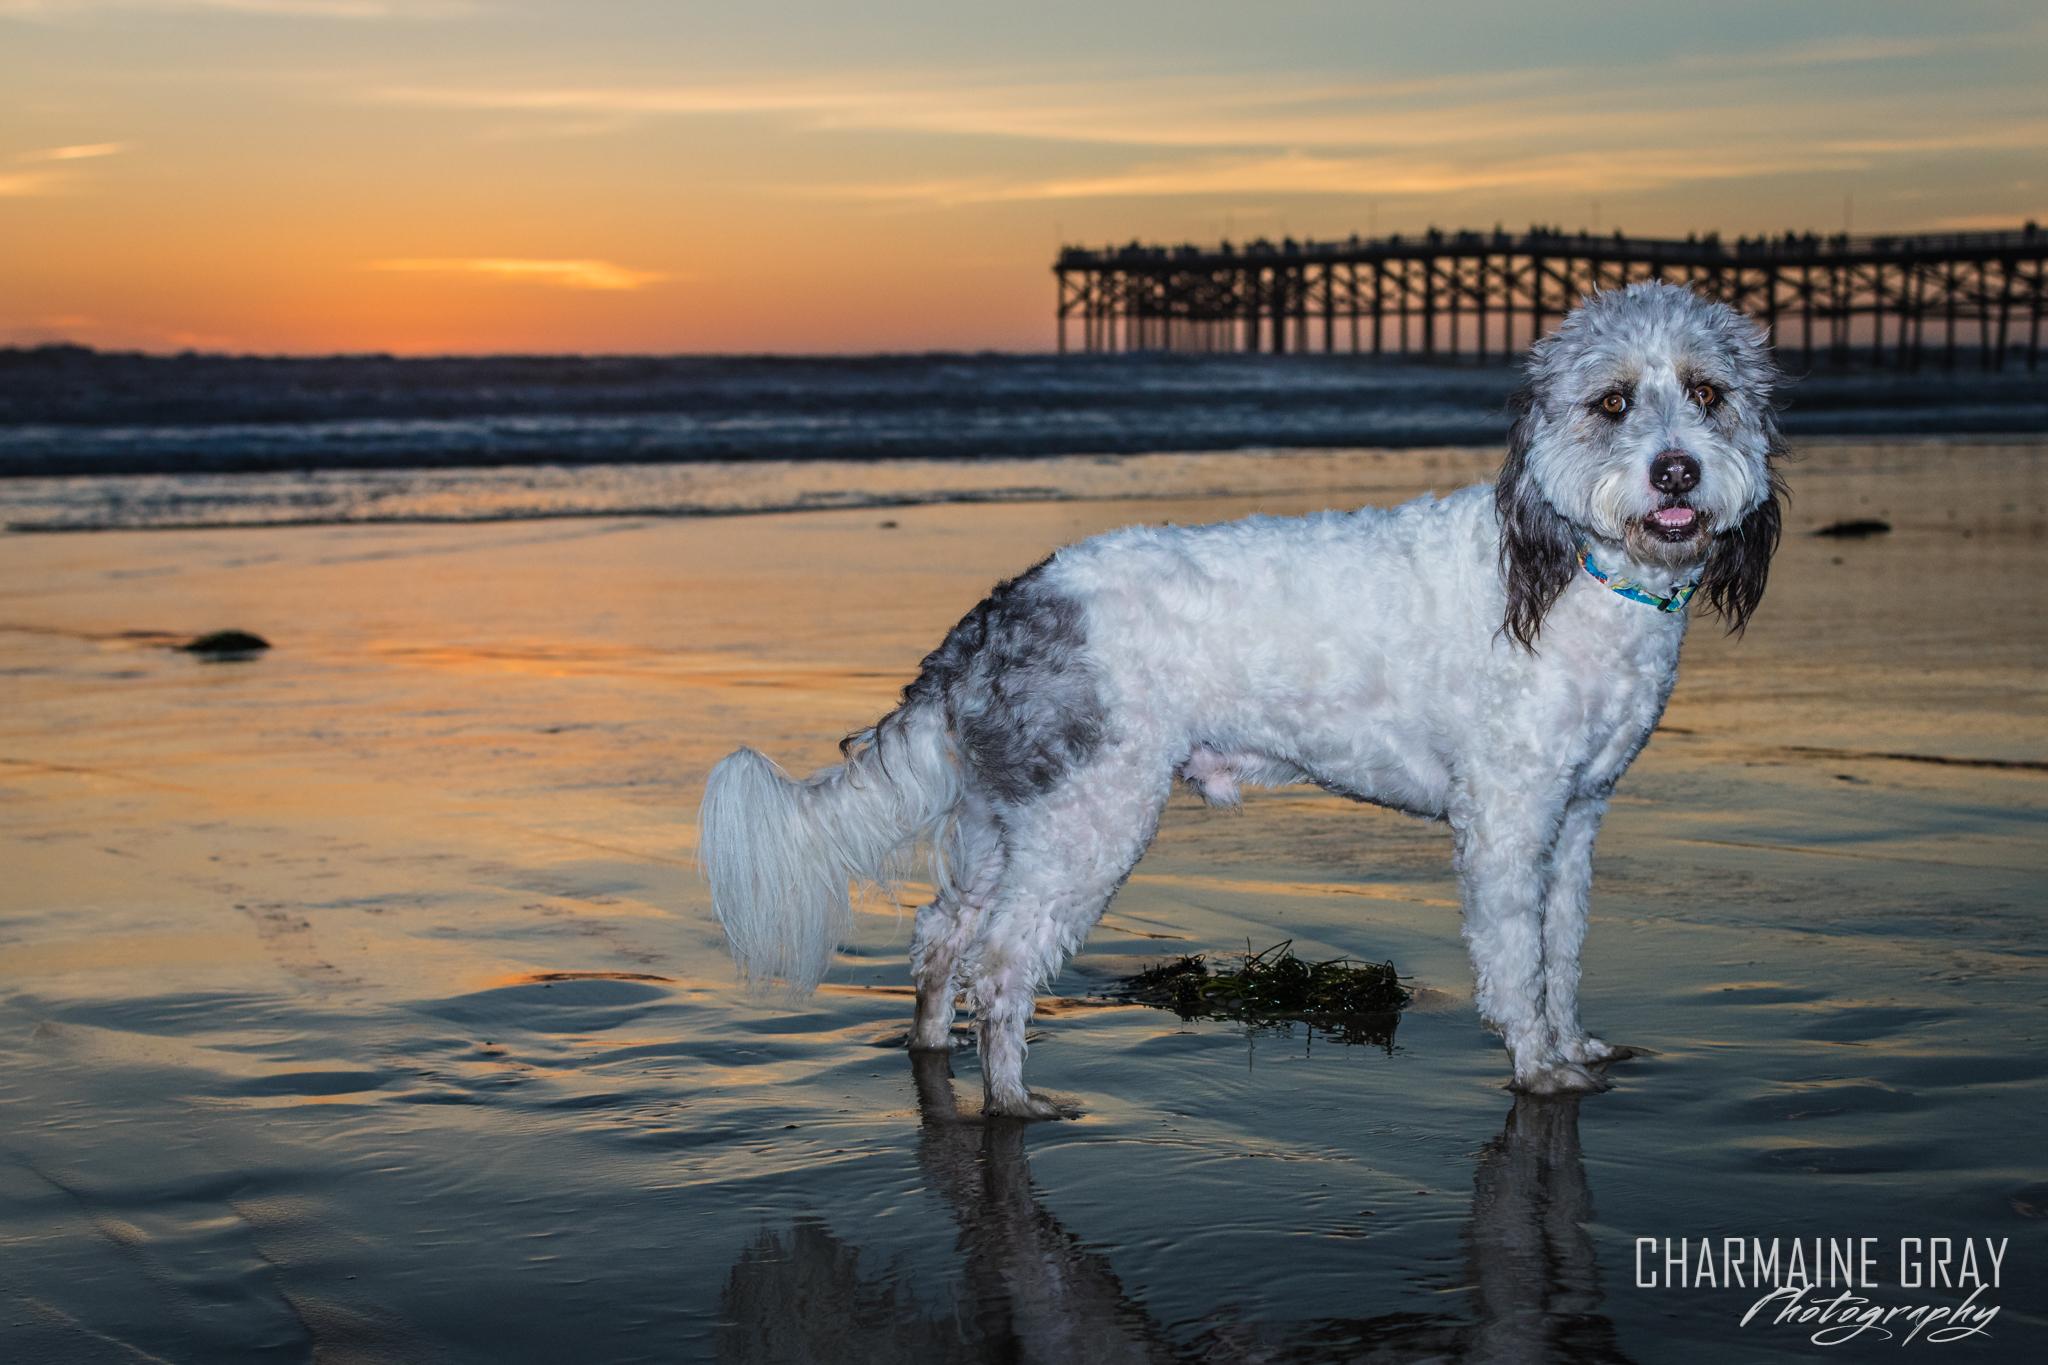 pet photographer, pet photography, pet portrait, pet, animal, charmaine gray photography, charmaine gray pet photography, san diego,dog, bearded collie